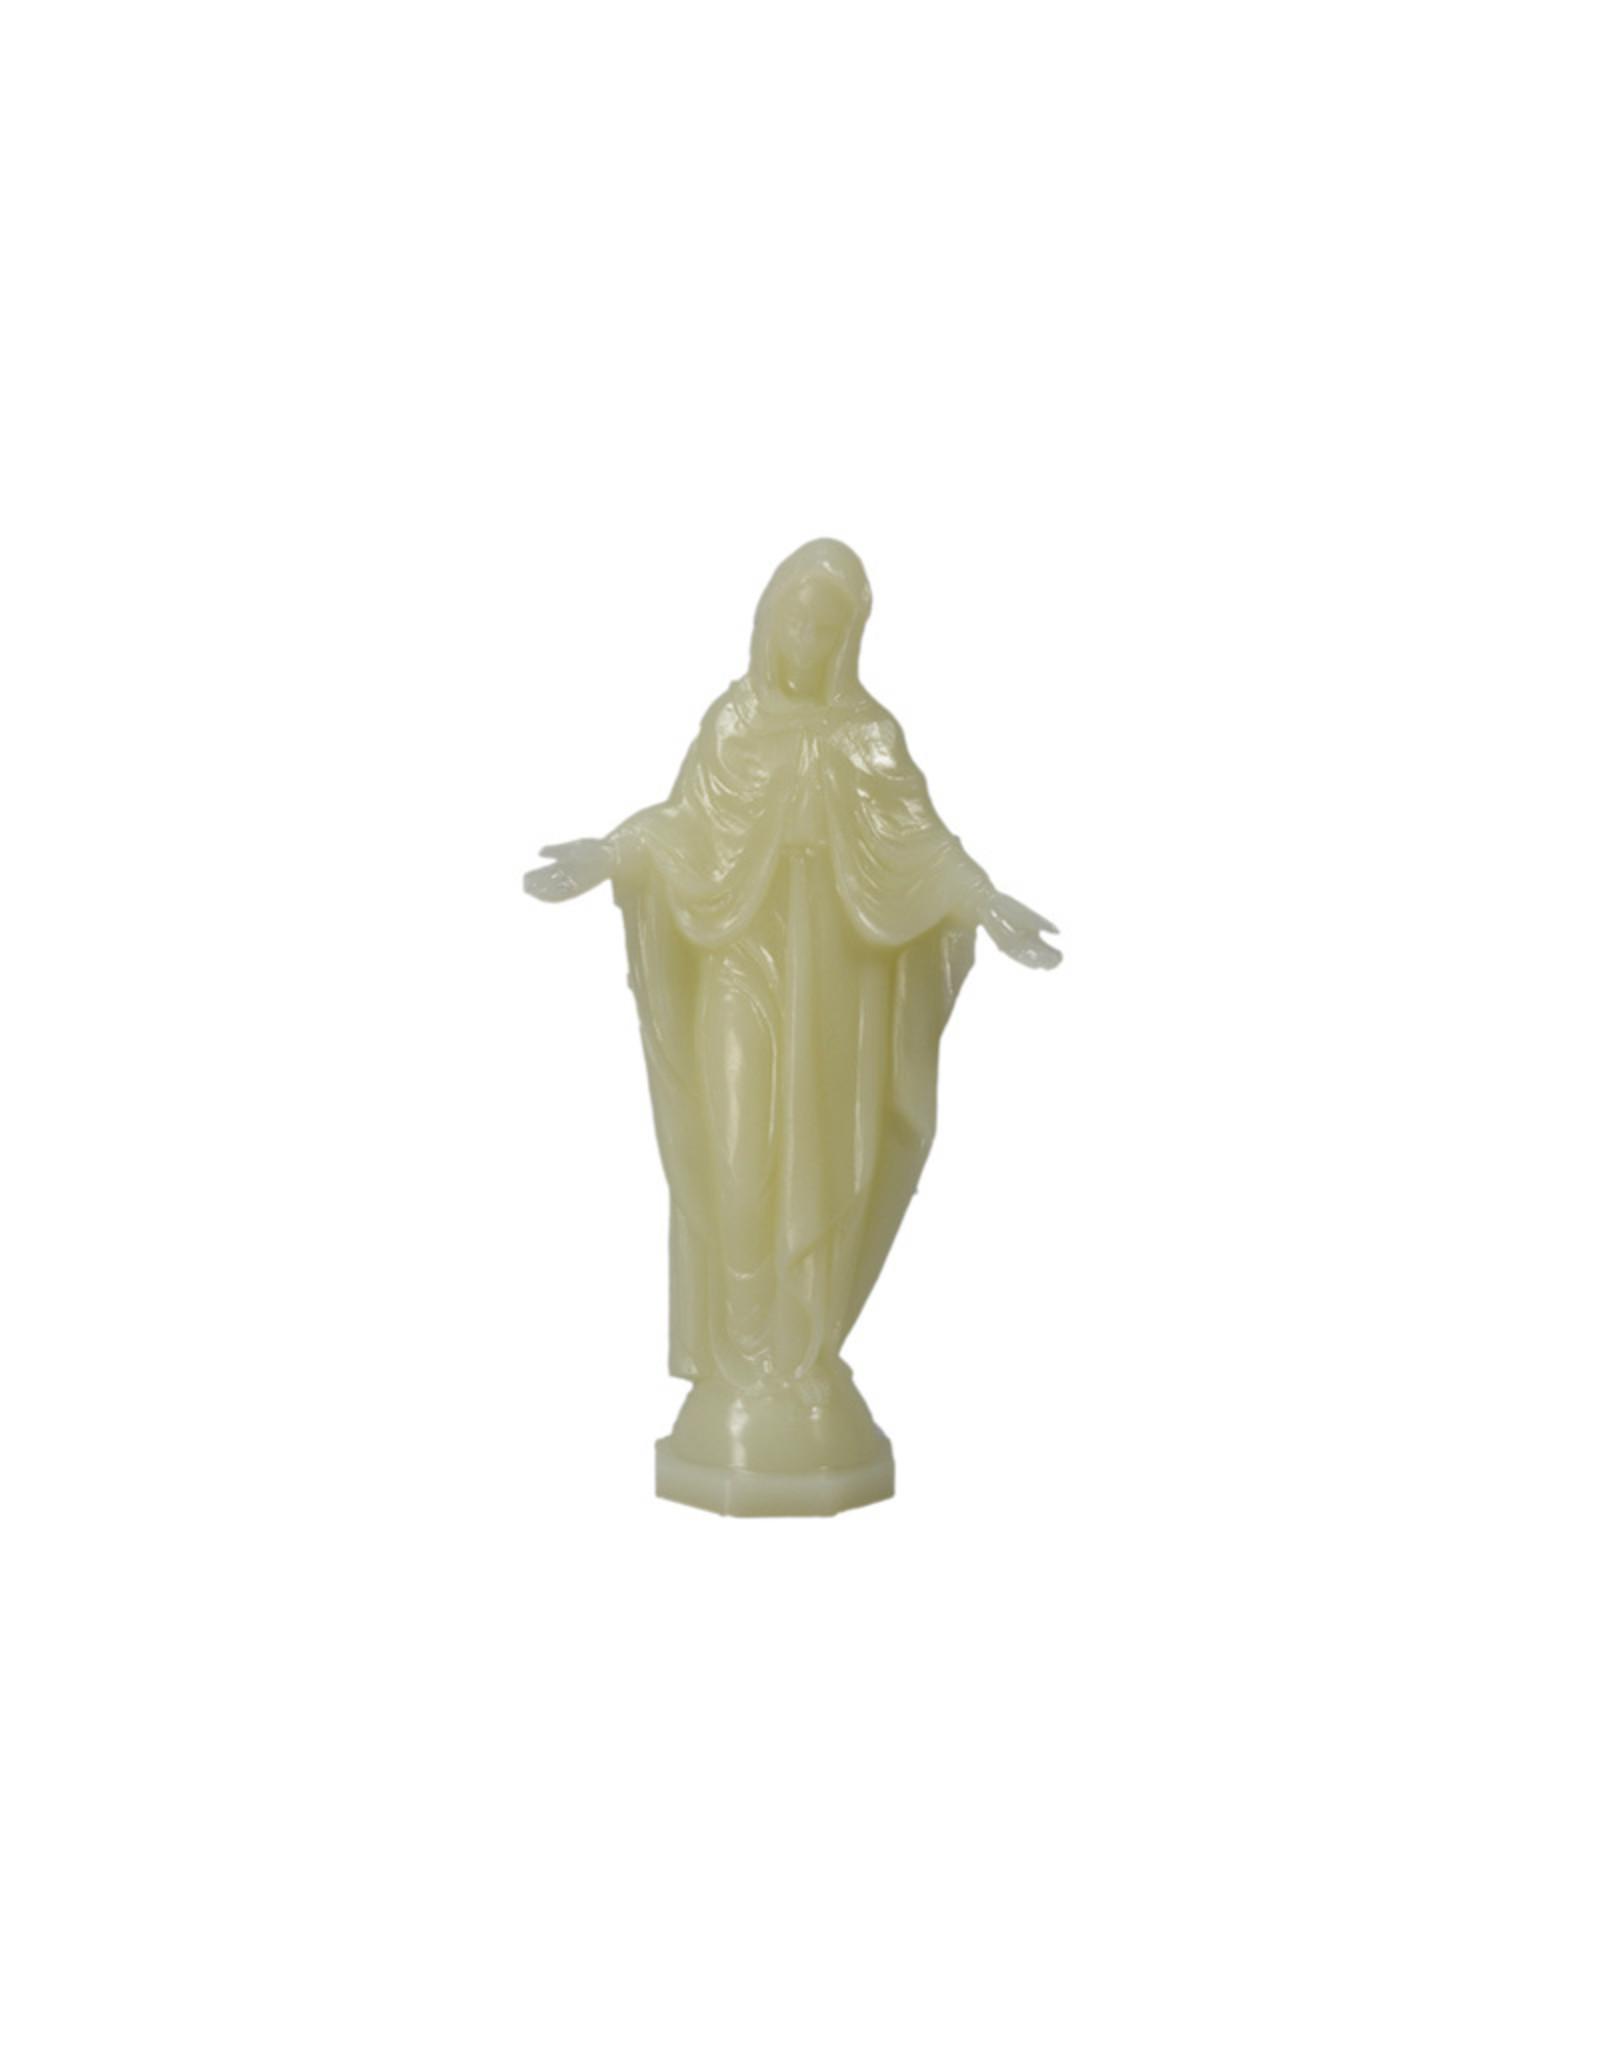 Statue de la Vierge Marie phosphorescente (15.5cm)